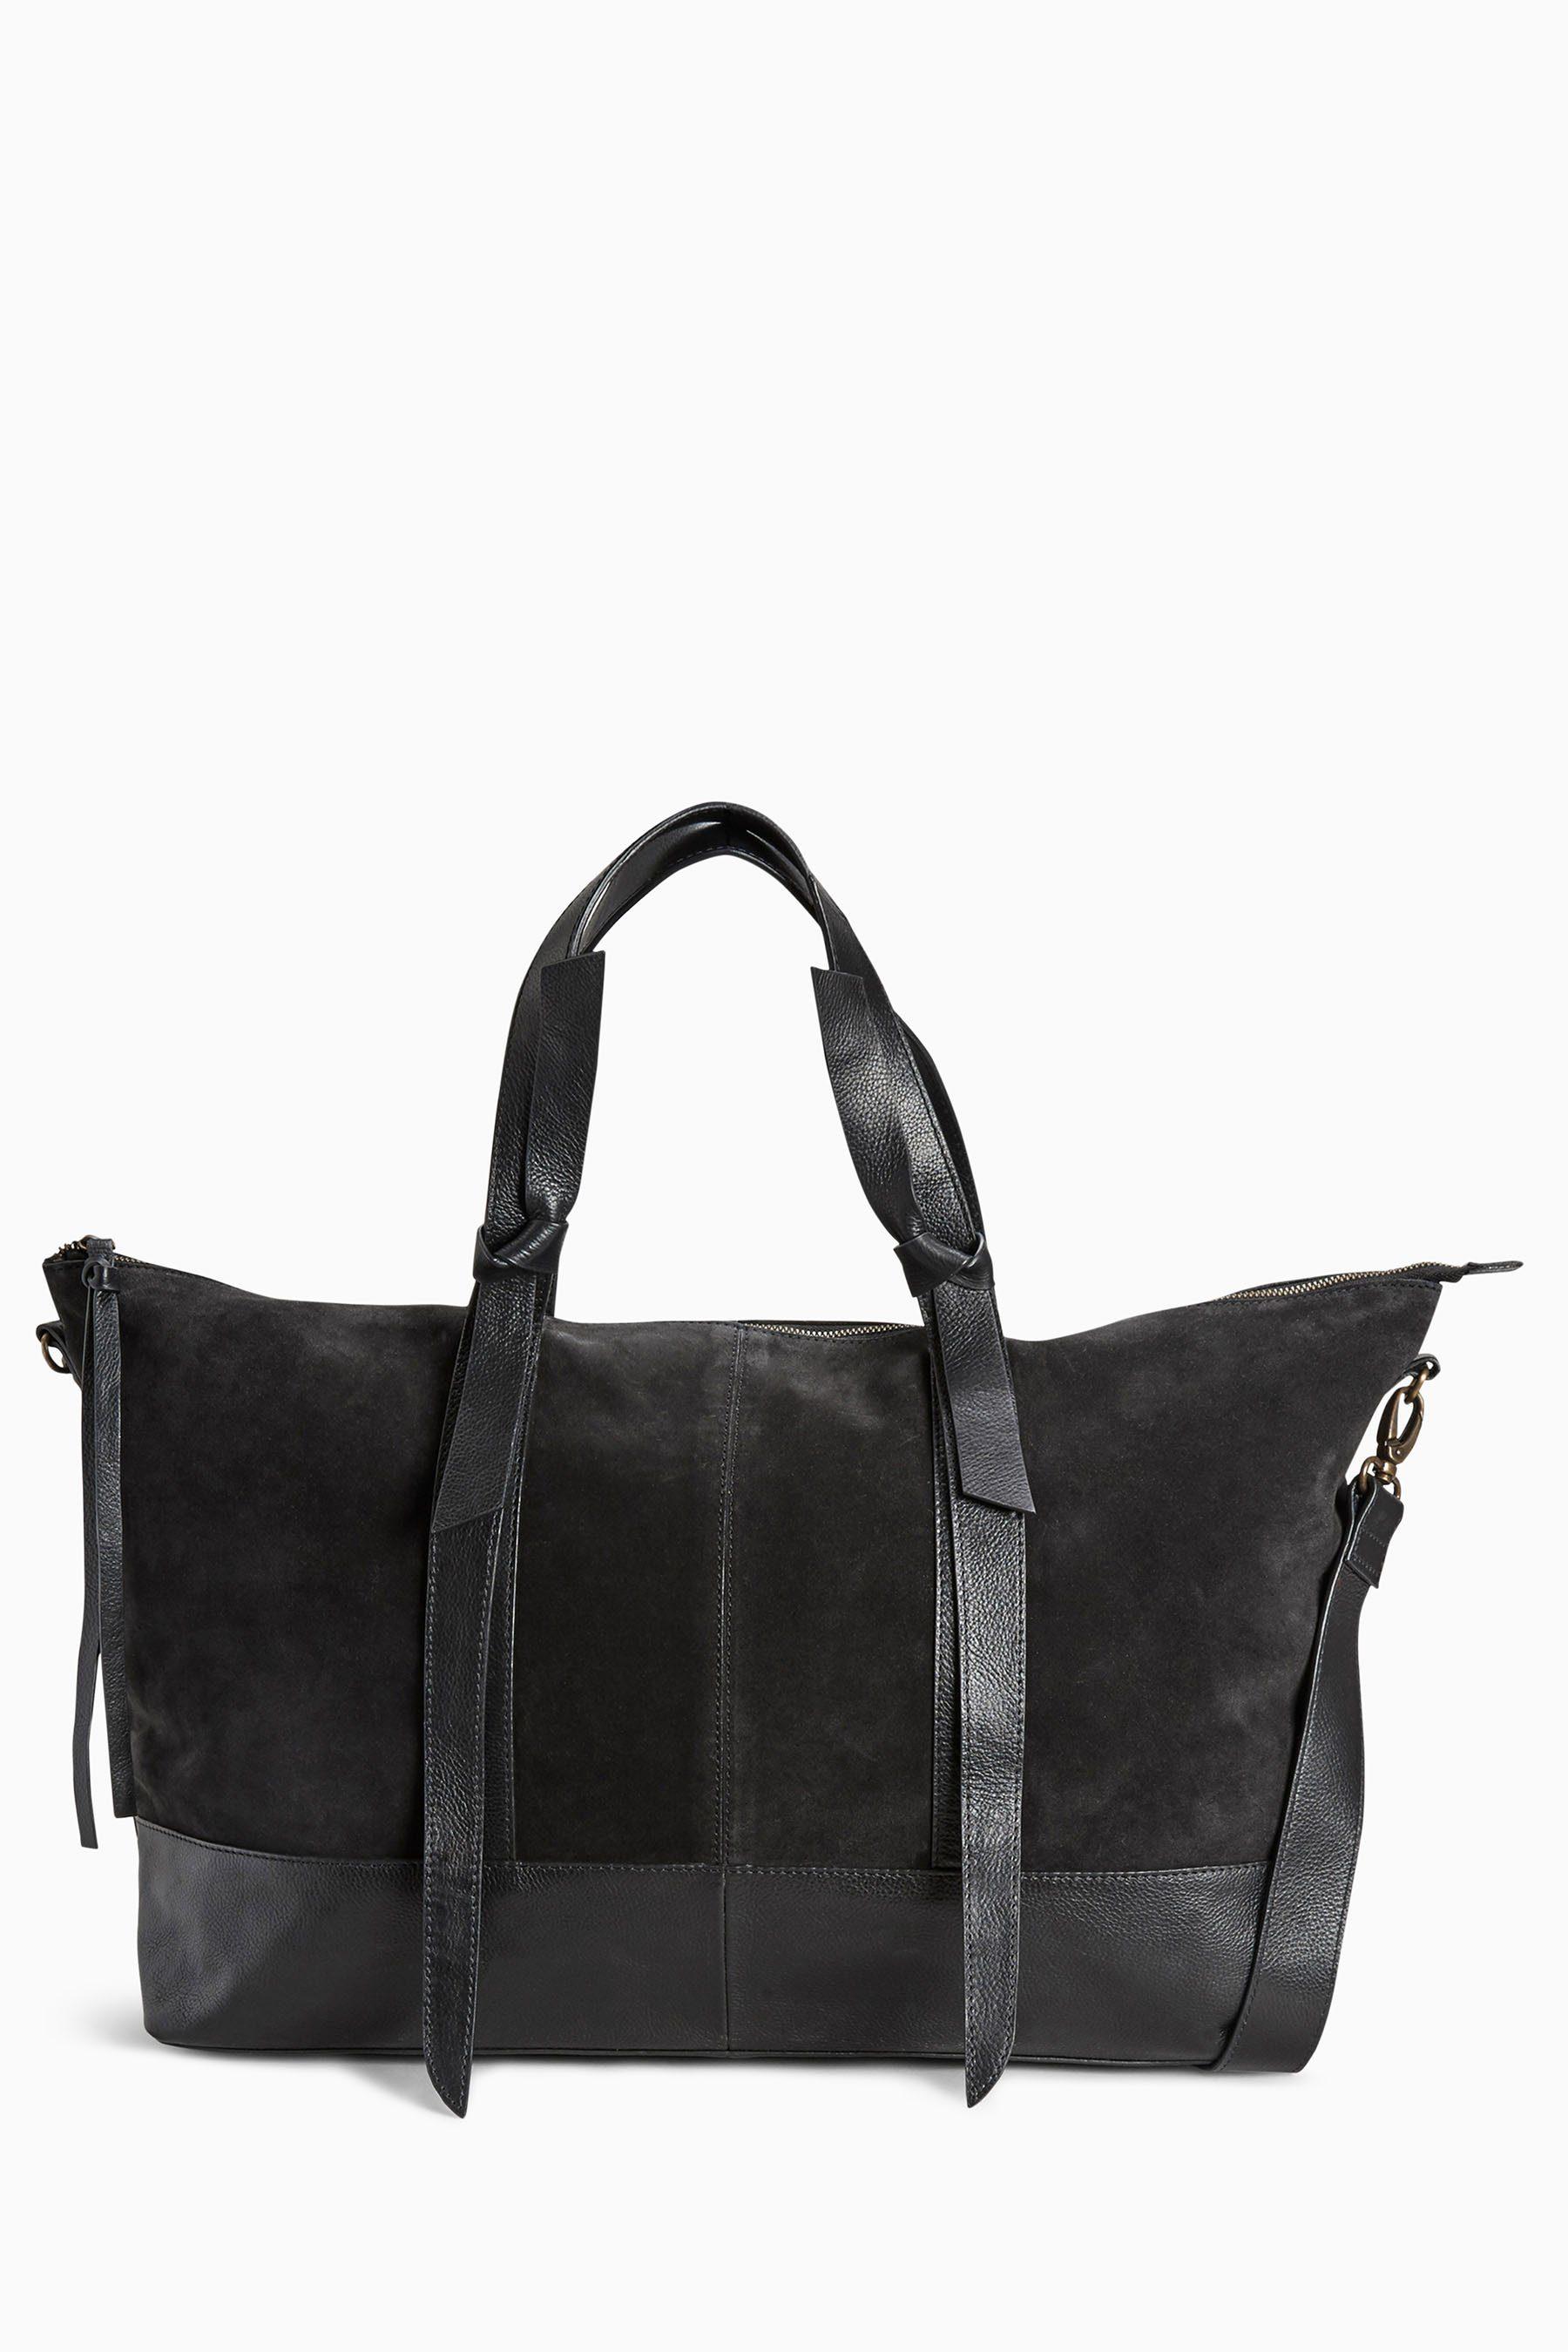 Next Reisetasche aus Leder